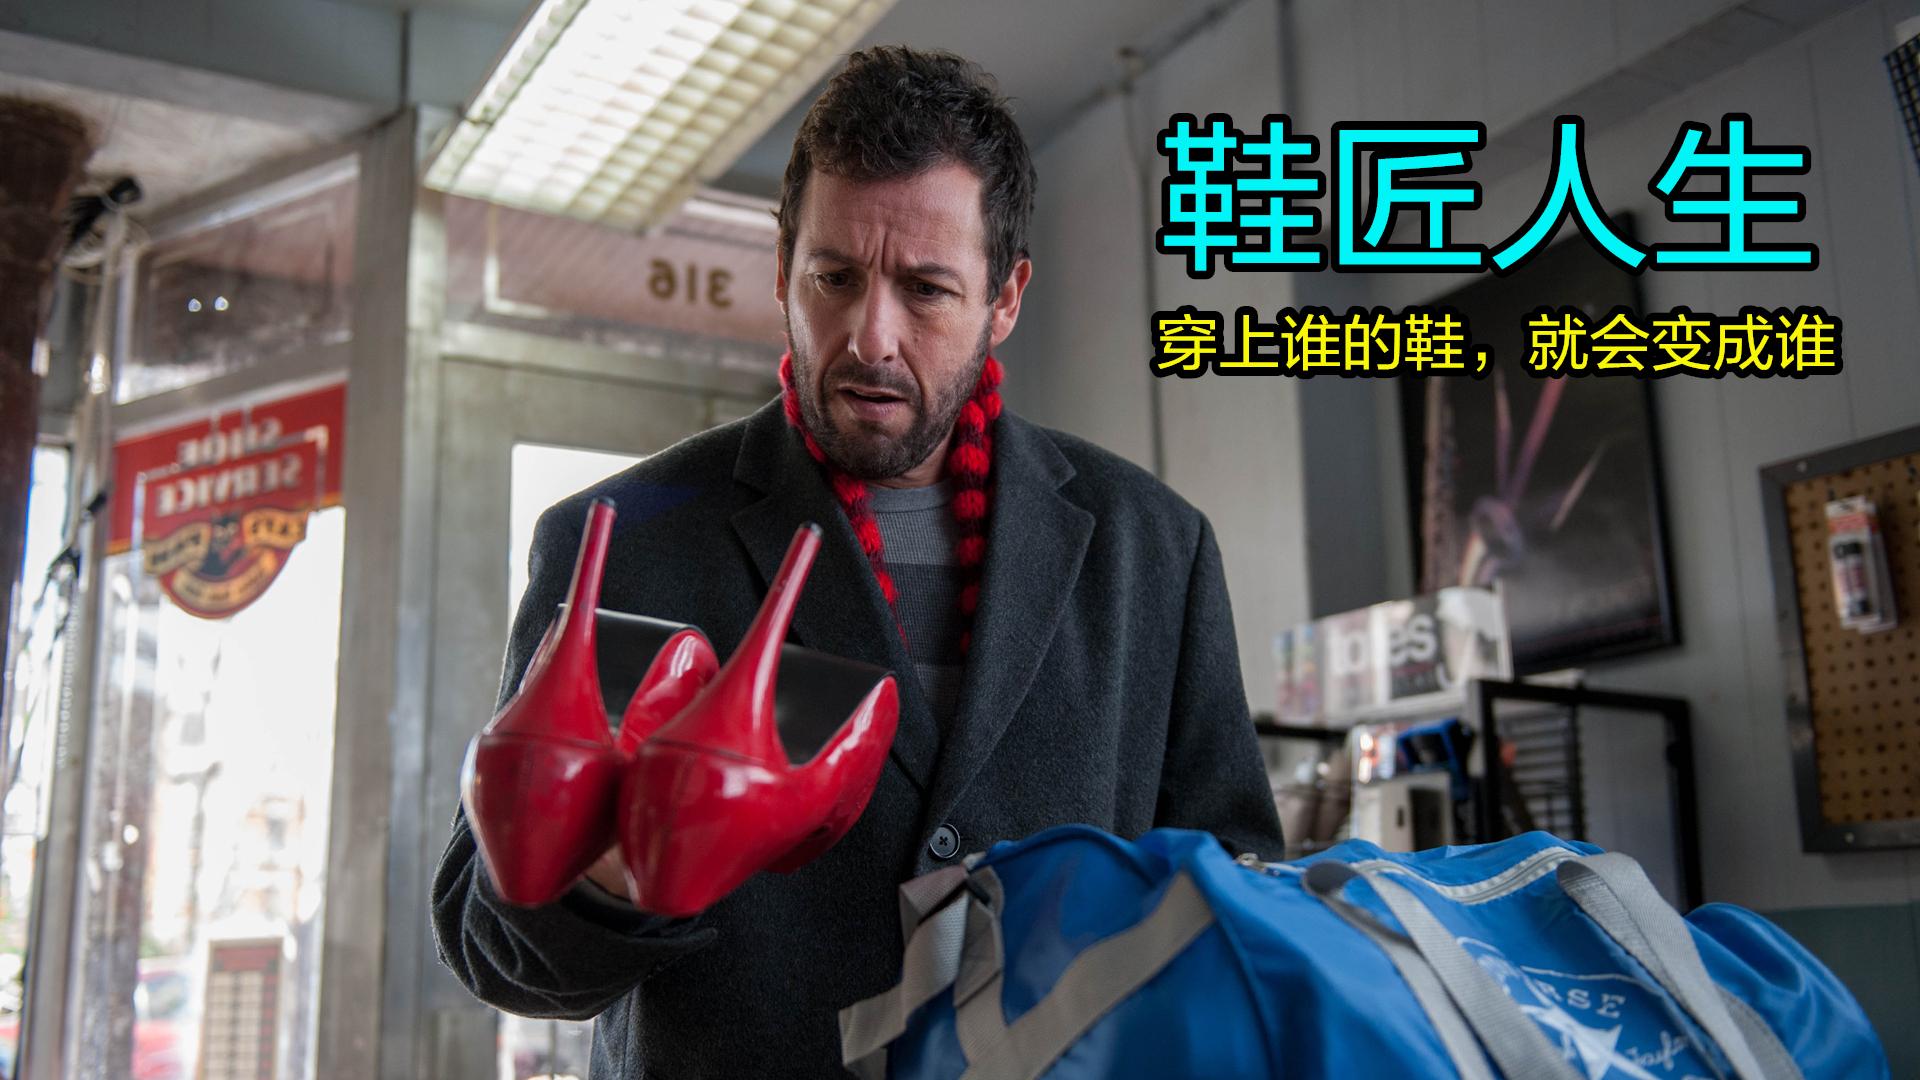 奇幻片:男主获得变身超能力,穿上谁的鞋,就会变成谁的样子!